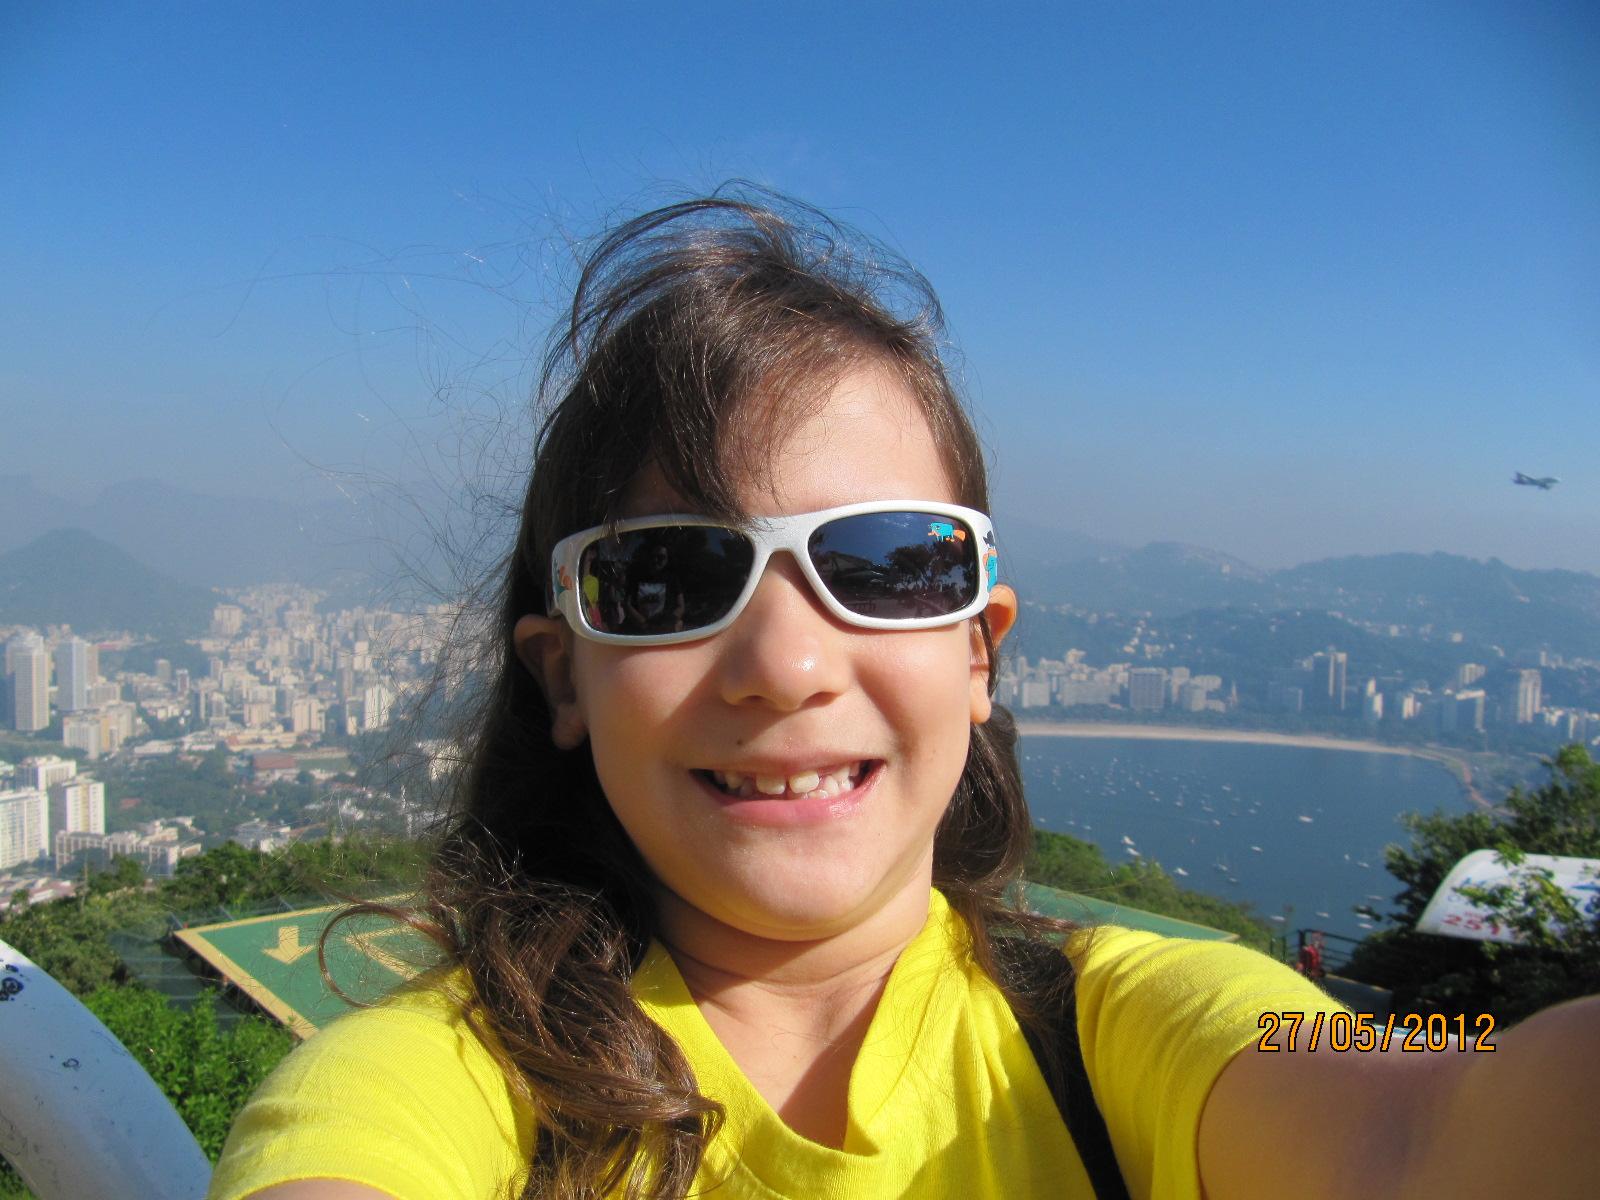 Autofoto da Amanda em 2012 - 7 anos